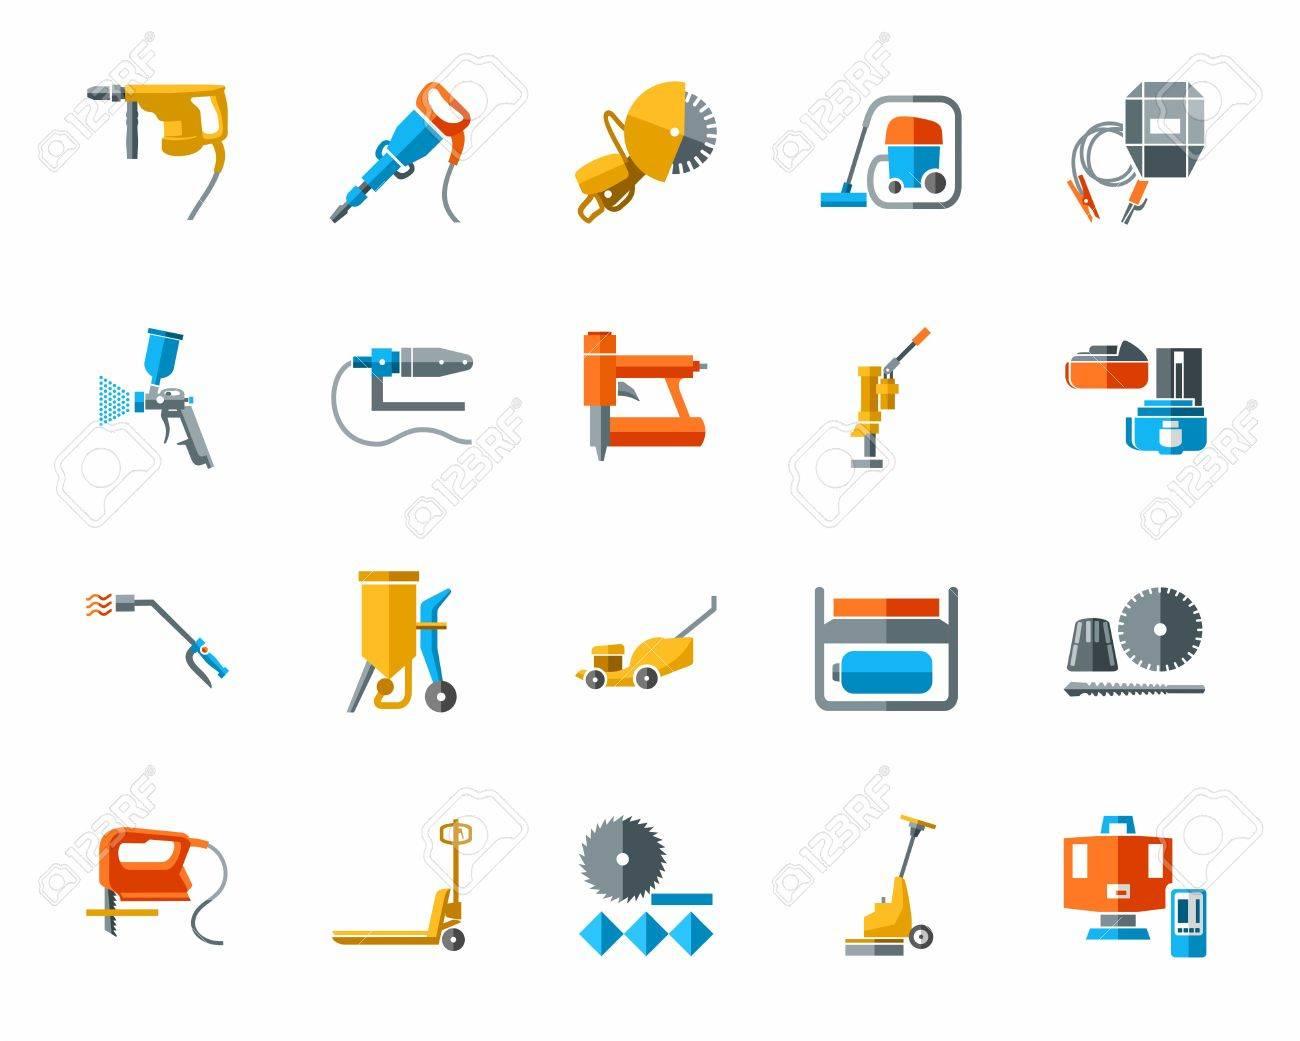 La Construcción De Herramientas Y Materiales De Construcción, Los ...